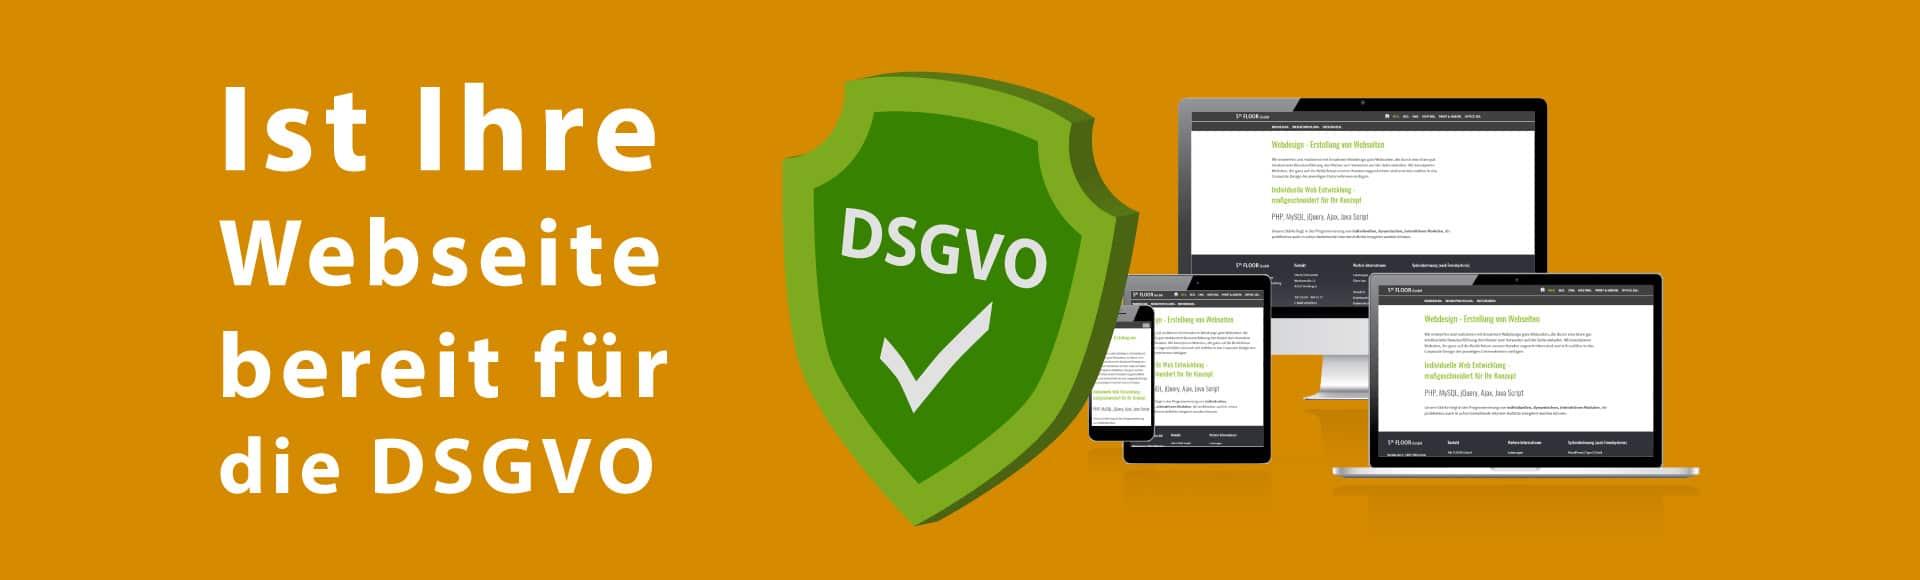 Ist Ihre Webseite bereit für die DSGVO?